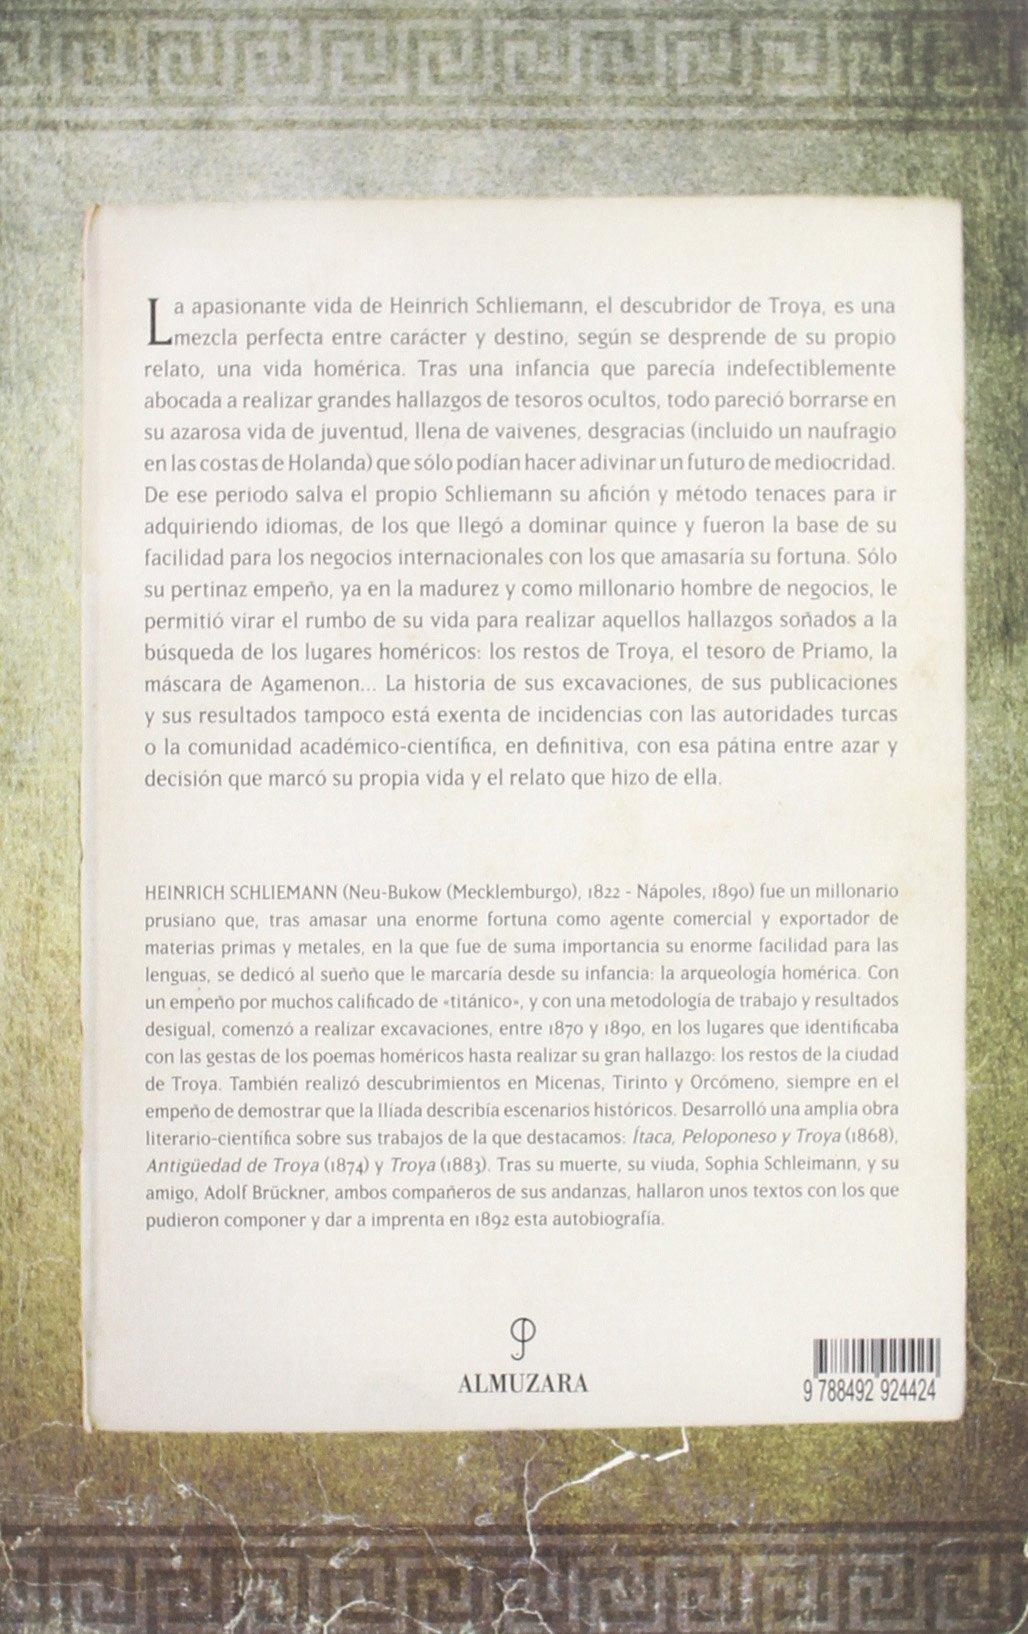 Autobiografía: La azarosa vida del descubridor de Troya Historia: Amazon.es: Heinrich Schleimann: Libros